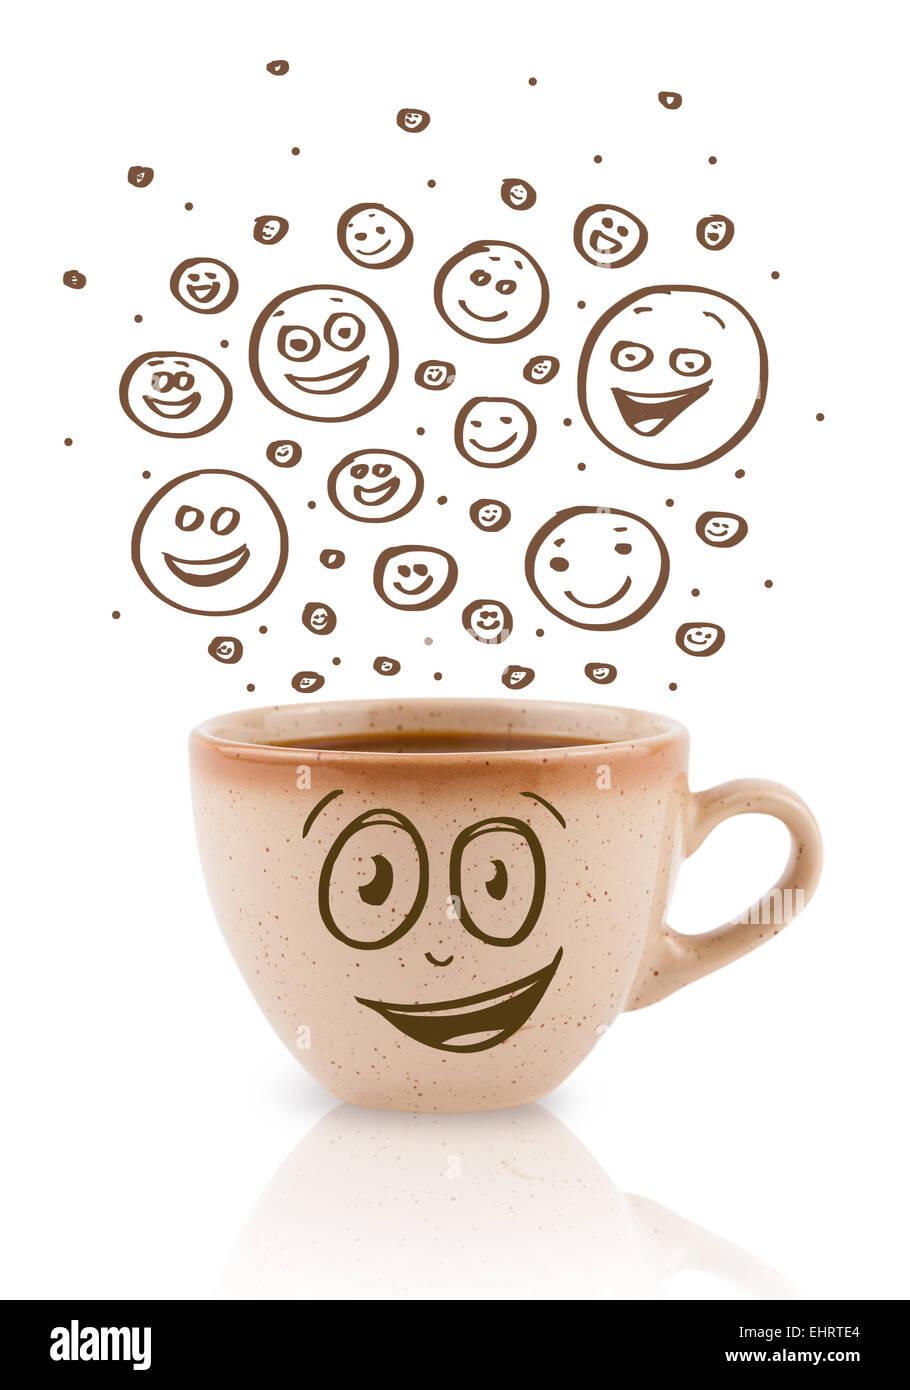 Kaffeetasse Mit Braunen Hand Gezeichnet Happy Smiley Gesichter